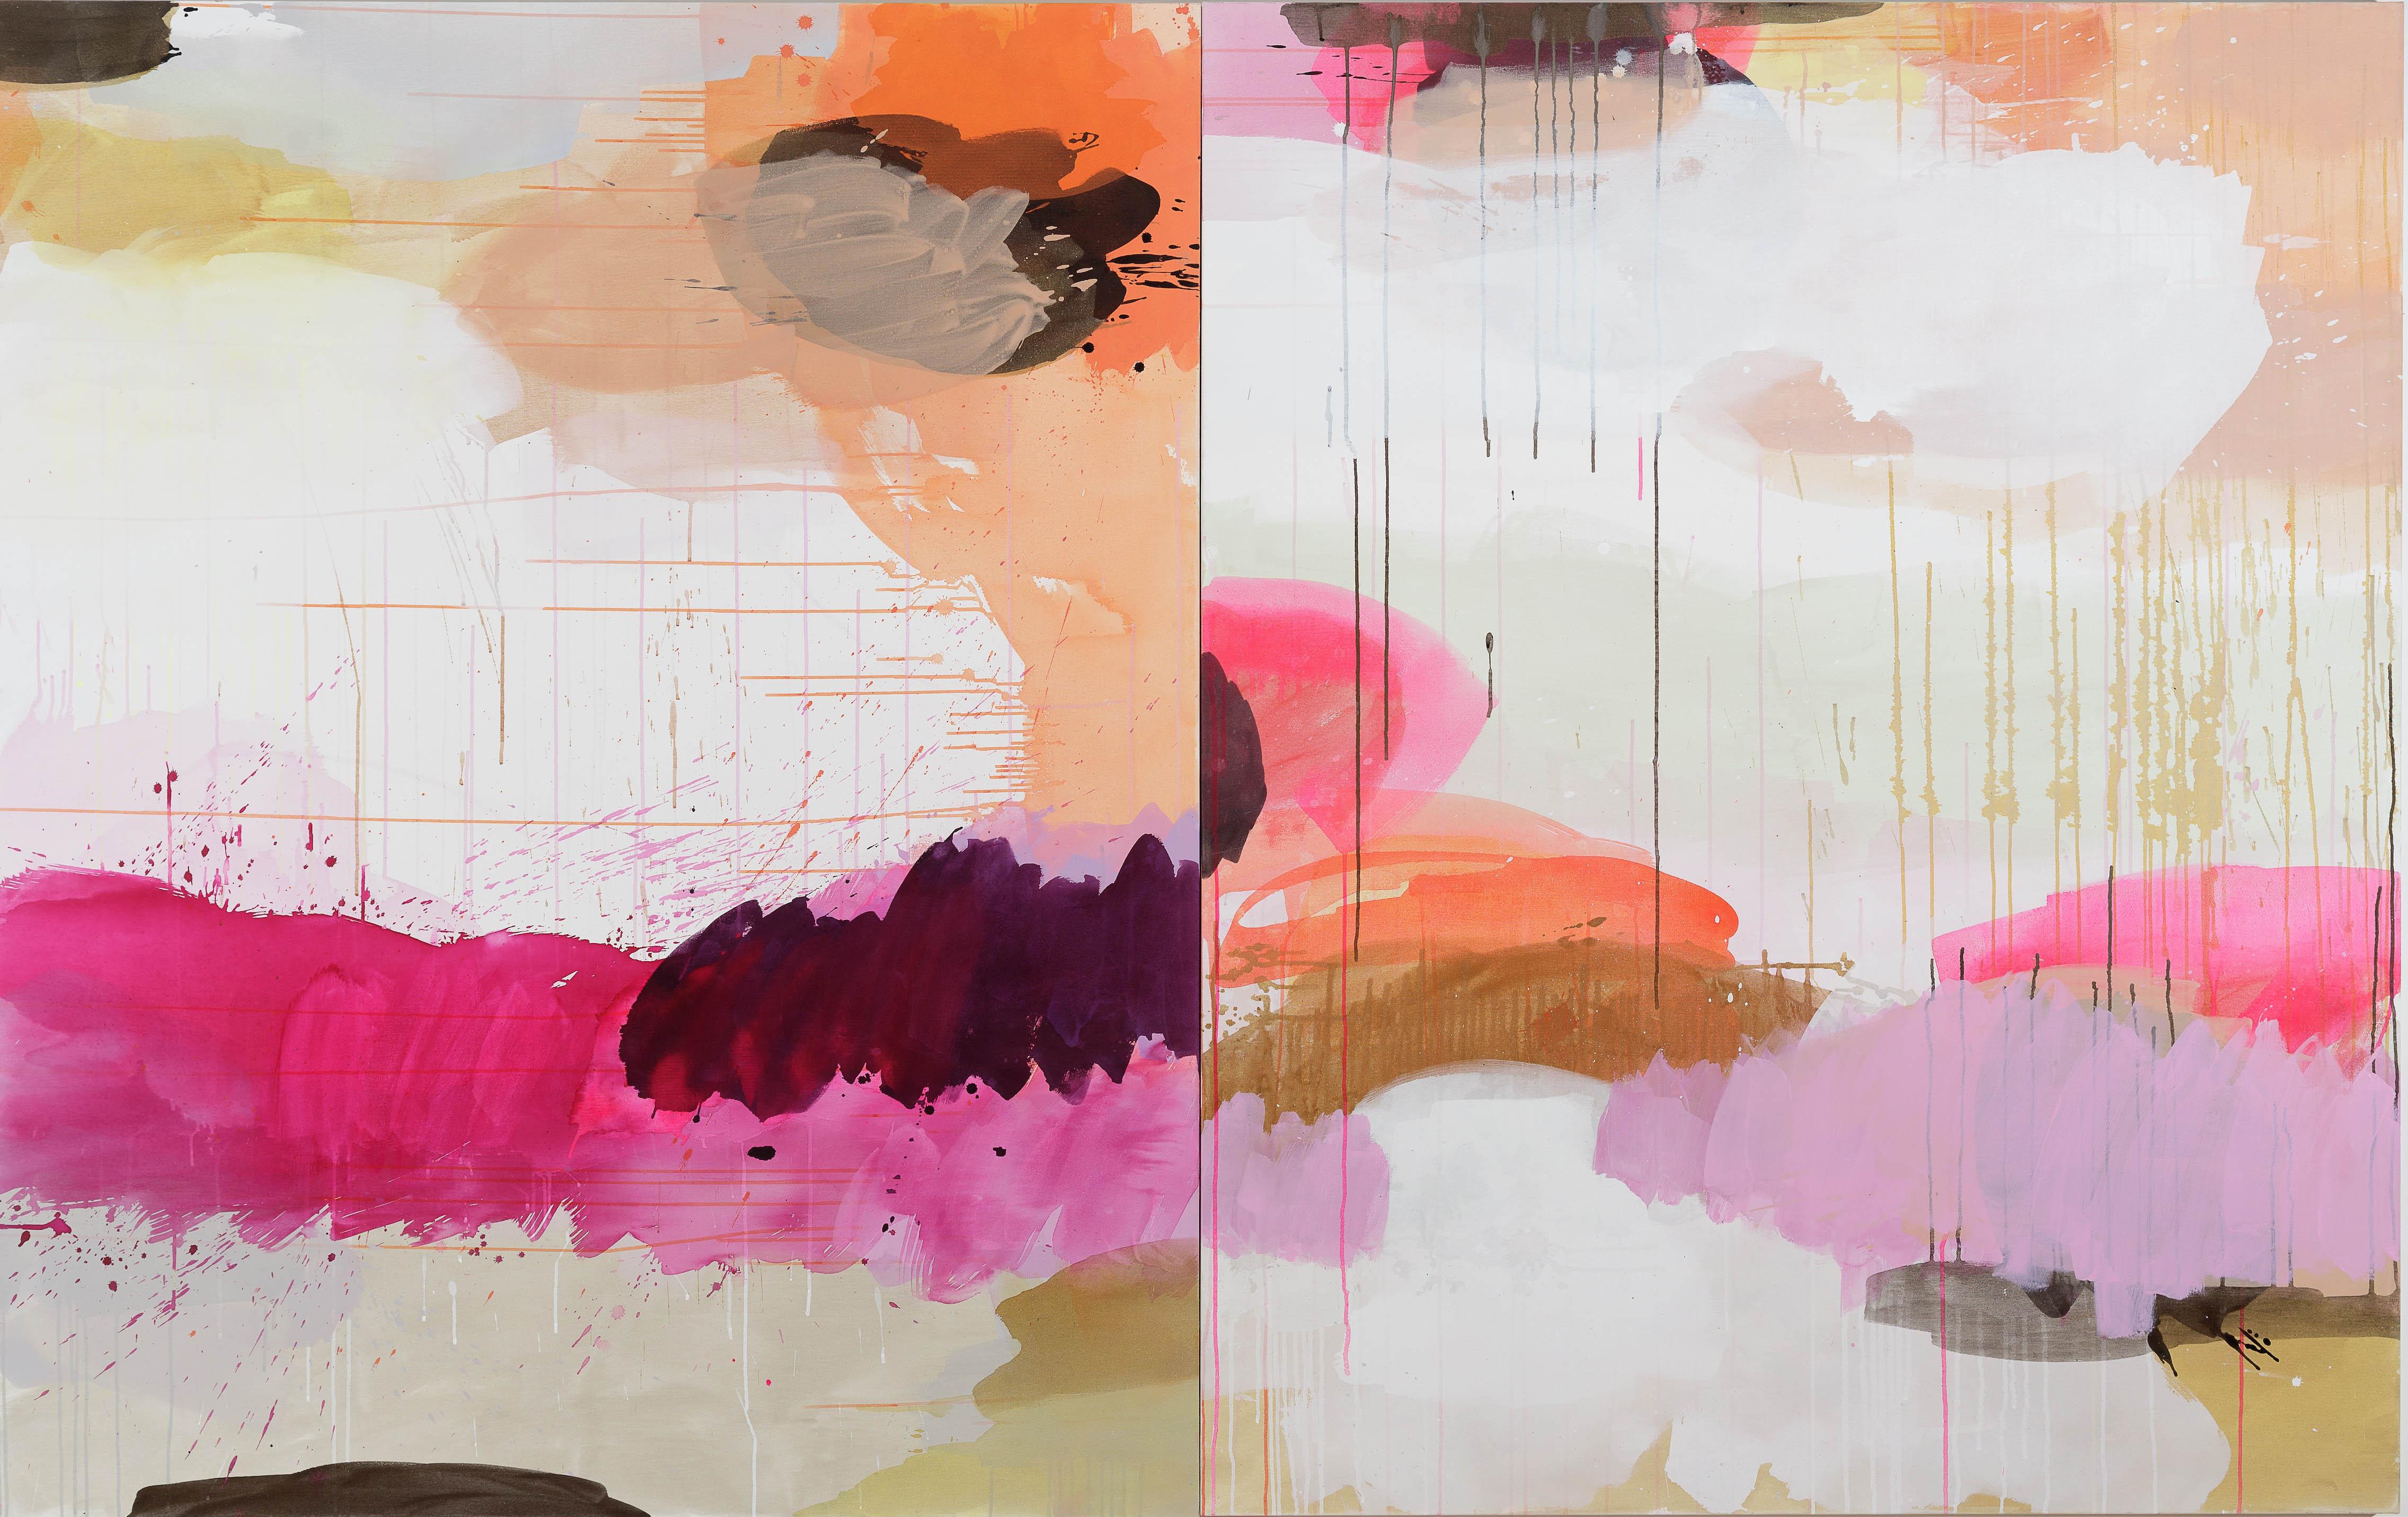 Pintura com tons de rosa, roxo e laranja